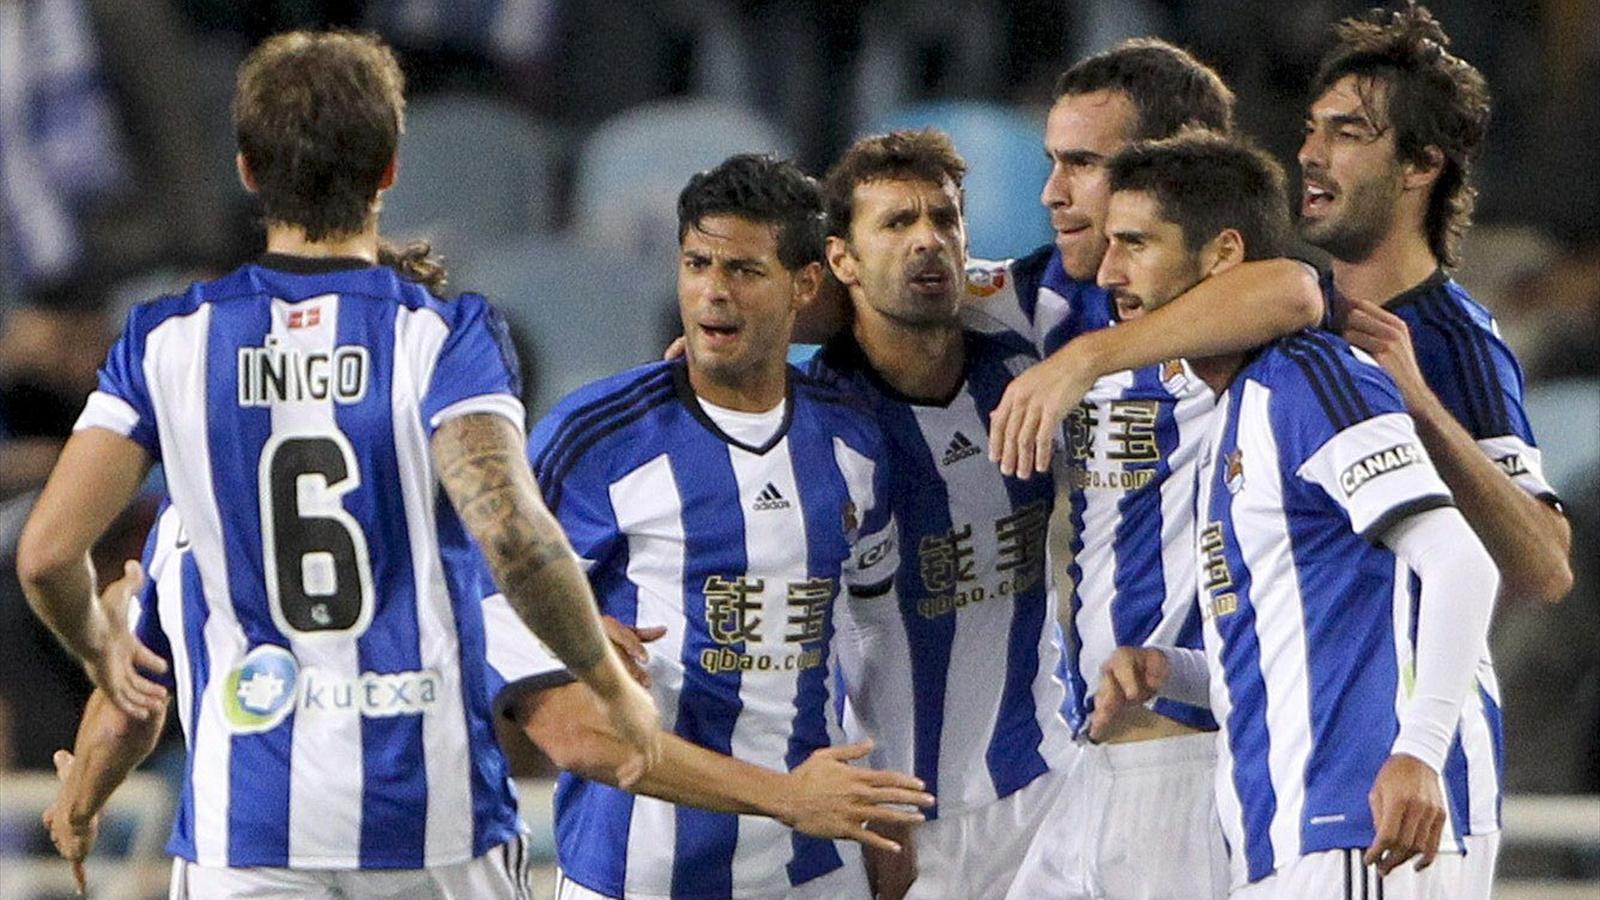 La Real Sociedad ficha a una de las mejores promesas españolas